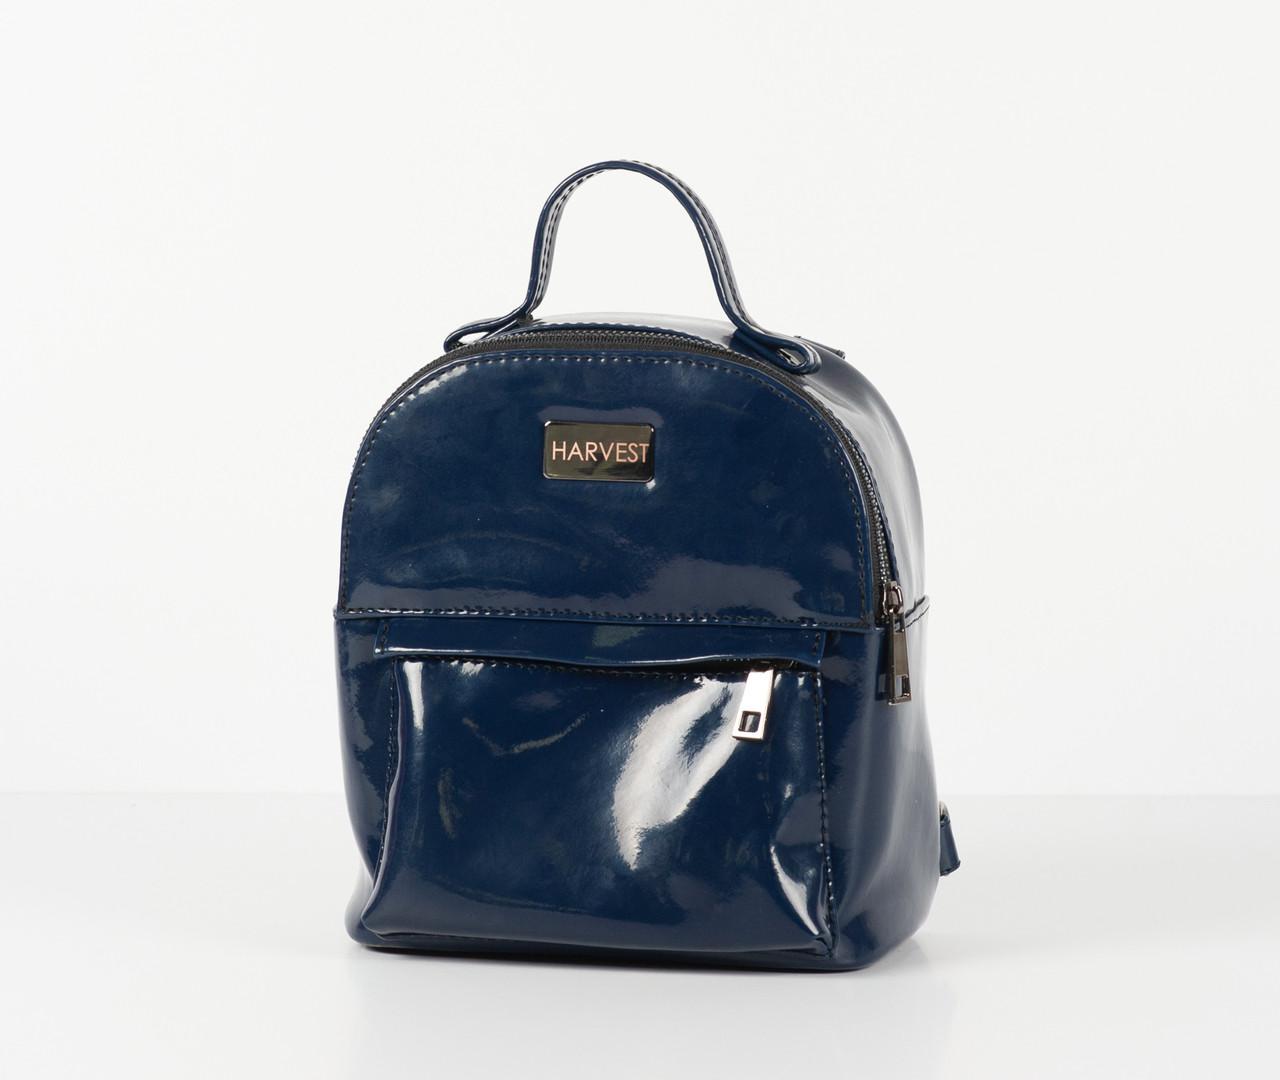 Женский рюкзак сумка лаковая эко-кожа XS HARVEST синяя (женский рюкзак